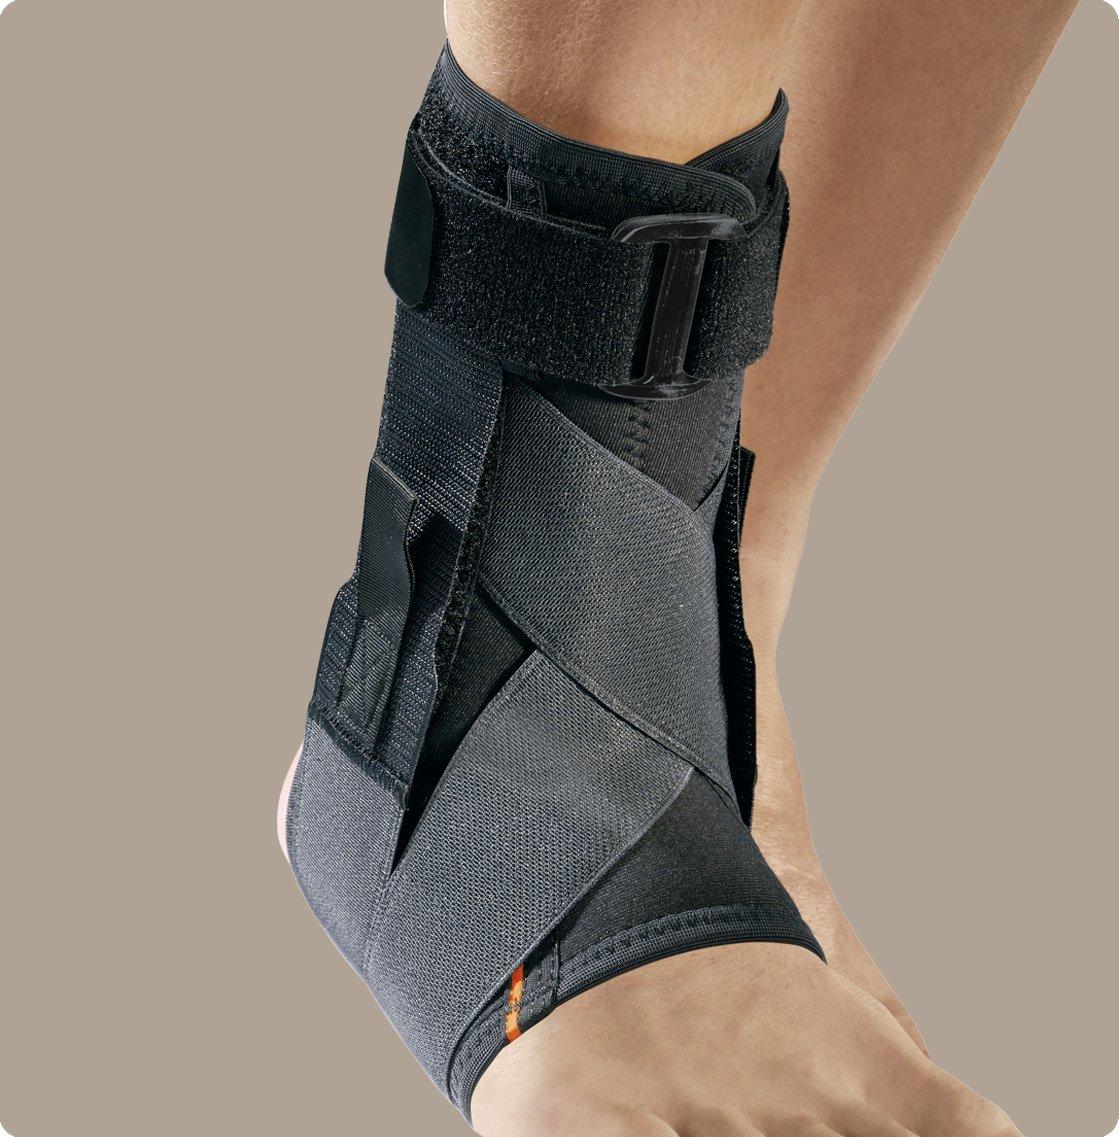 tutore ortopedico stabilizzante